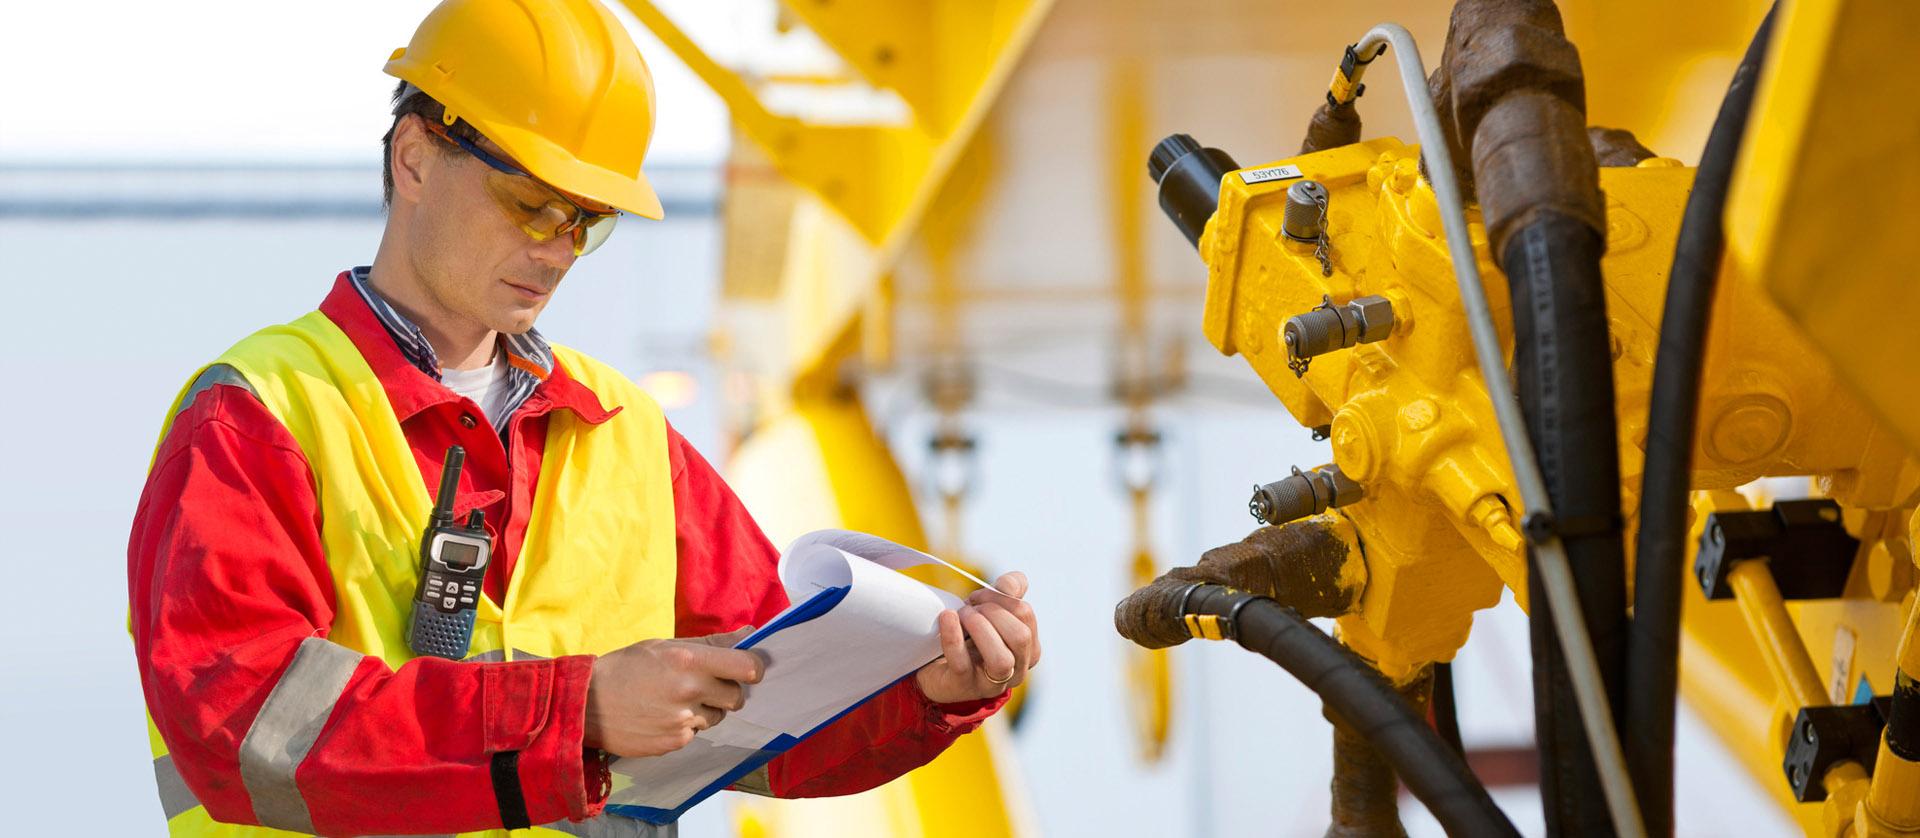 Экспертиза промышленной безопасности технических устройств, зданий и сооружений, проектной документации (консервация/ликвидация, техническое перевооружение)